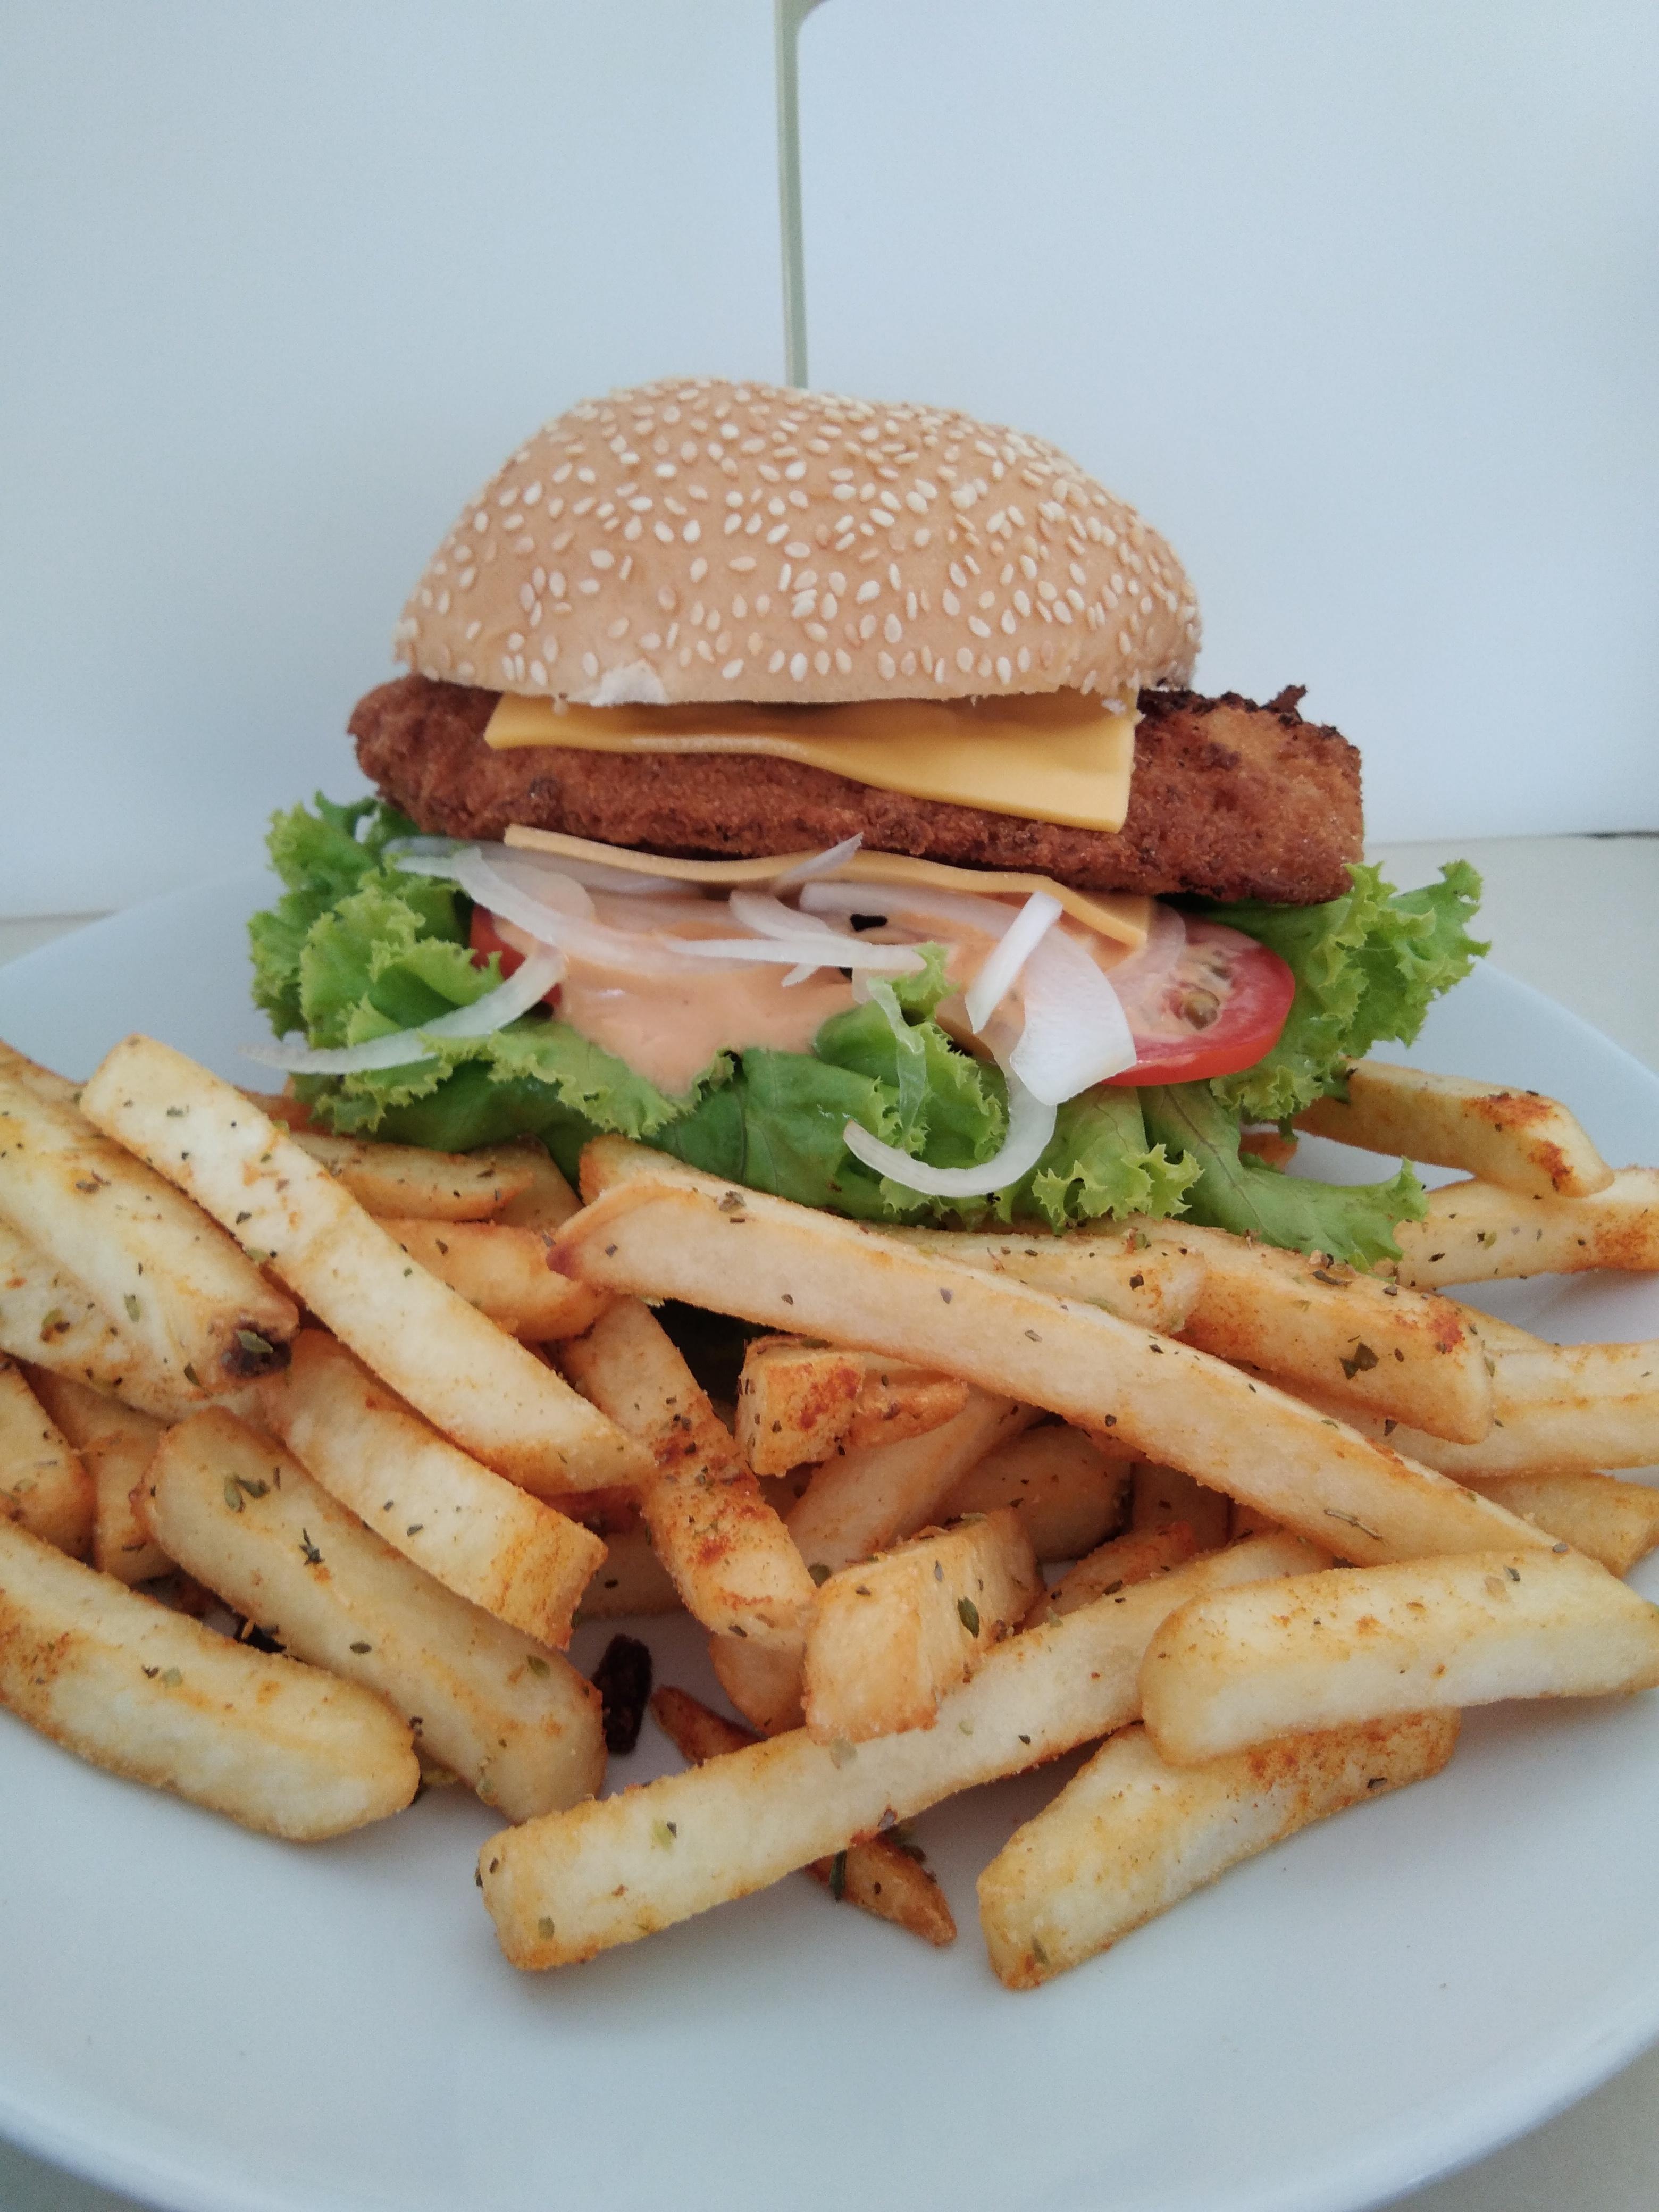 House chicken burger